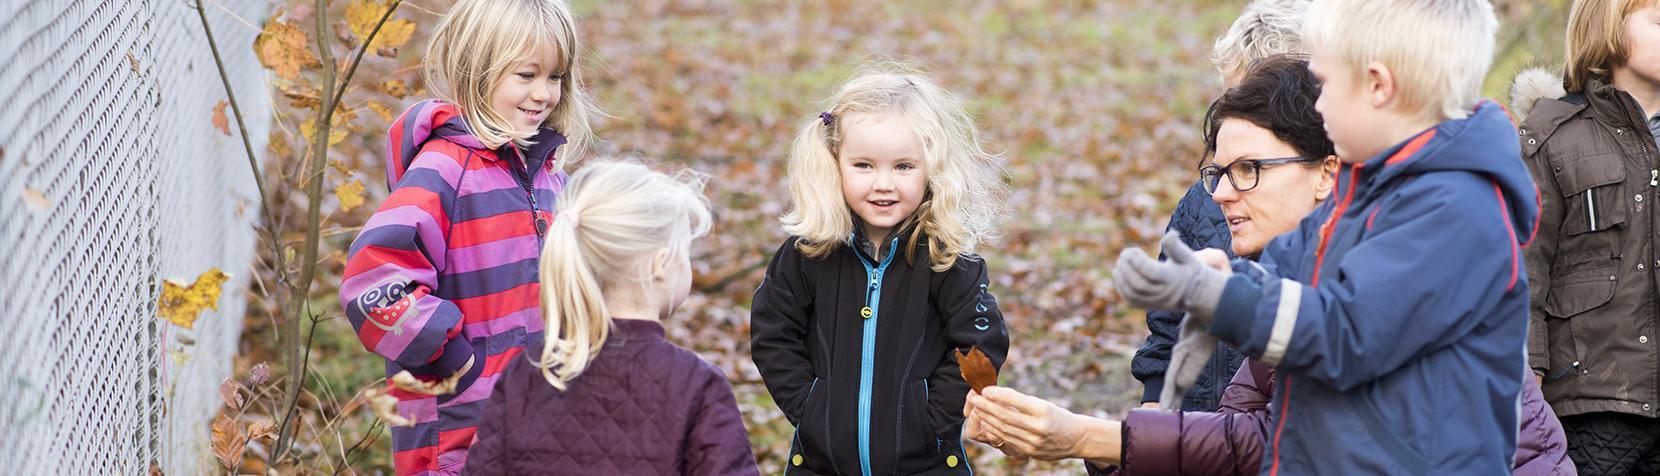 Børn kigger på blade